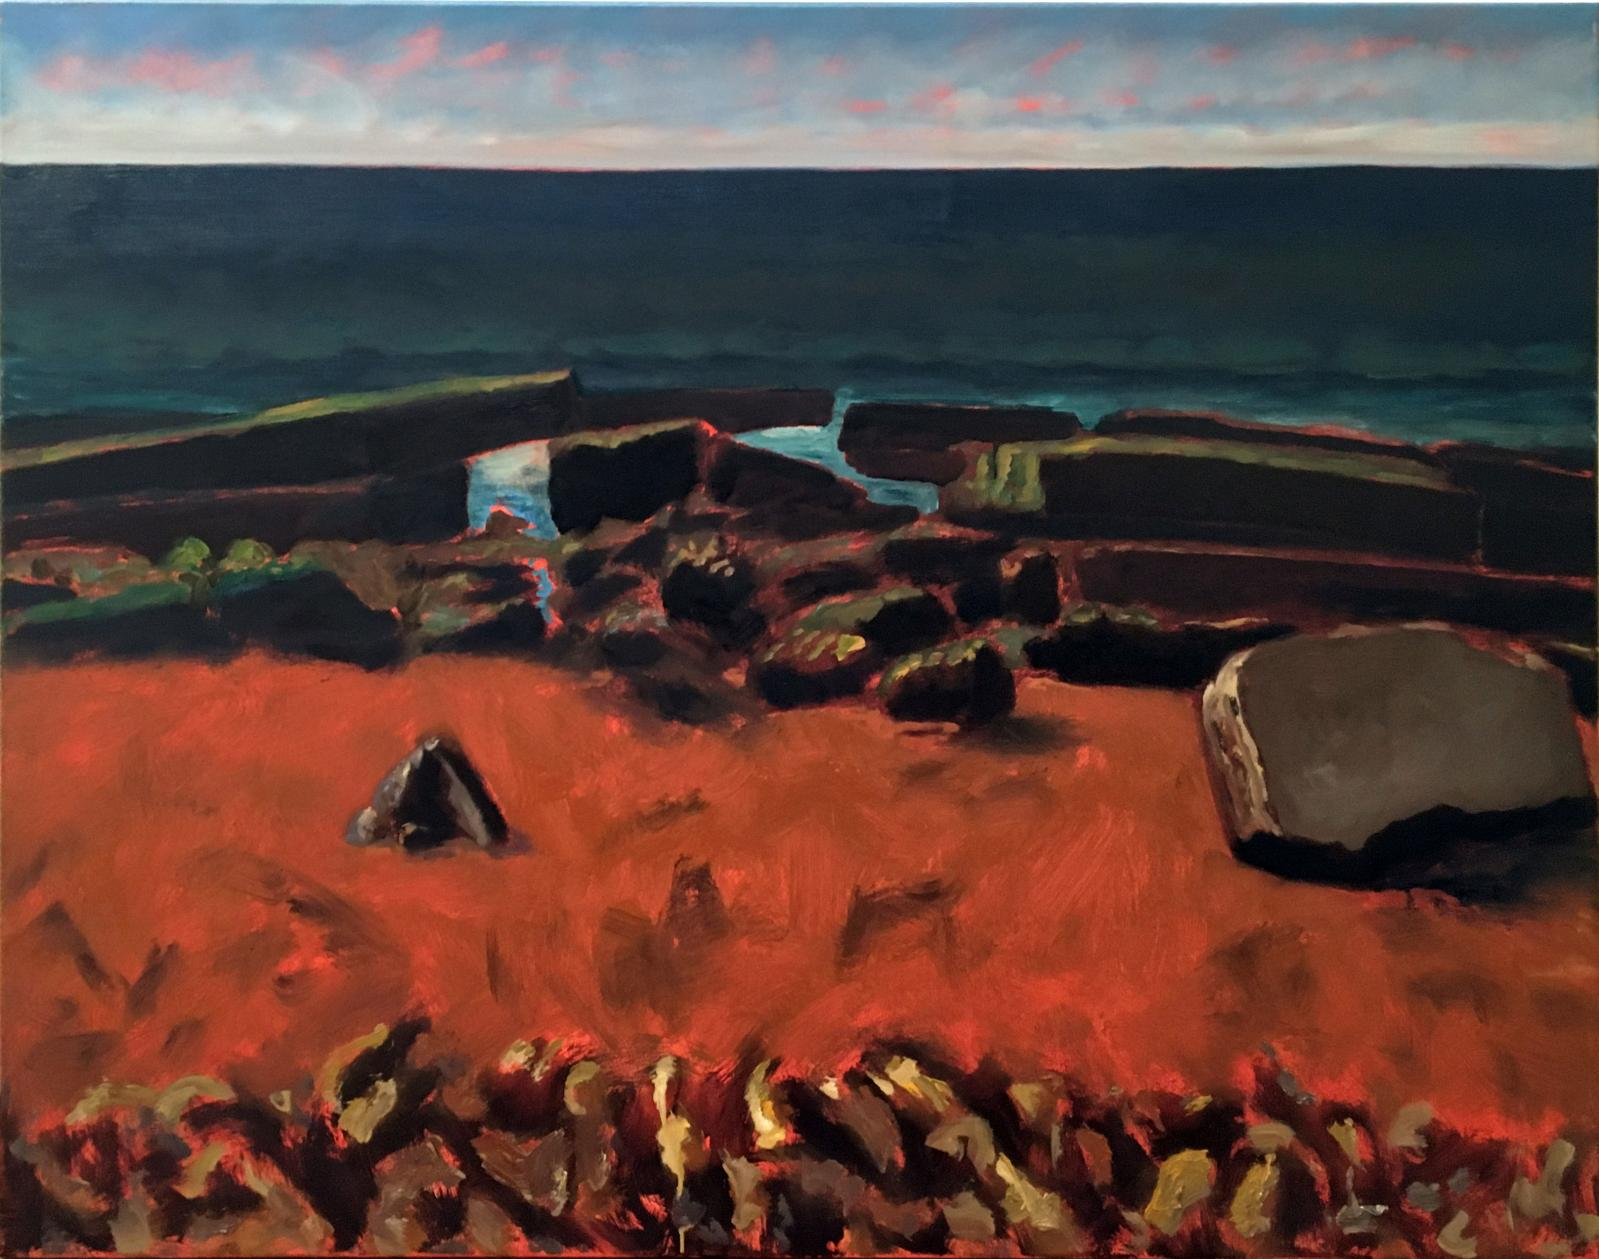 Guy de Malherbe (né en 1958), Vers la mer, 2017, huile sur toile, 81x100cm.